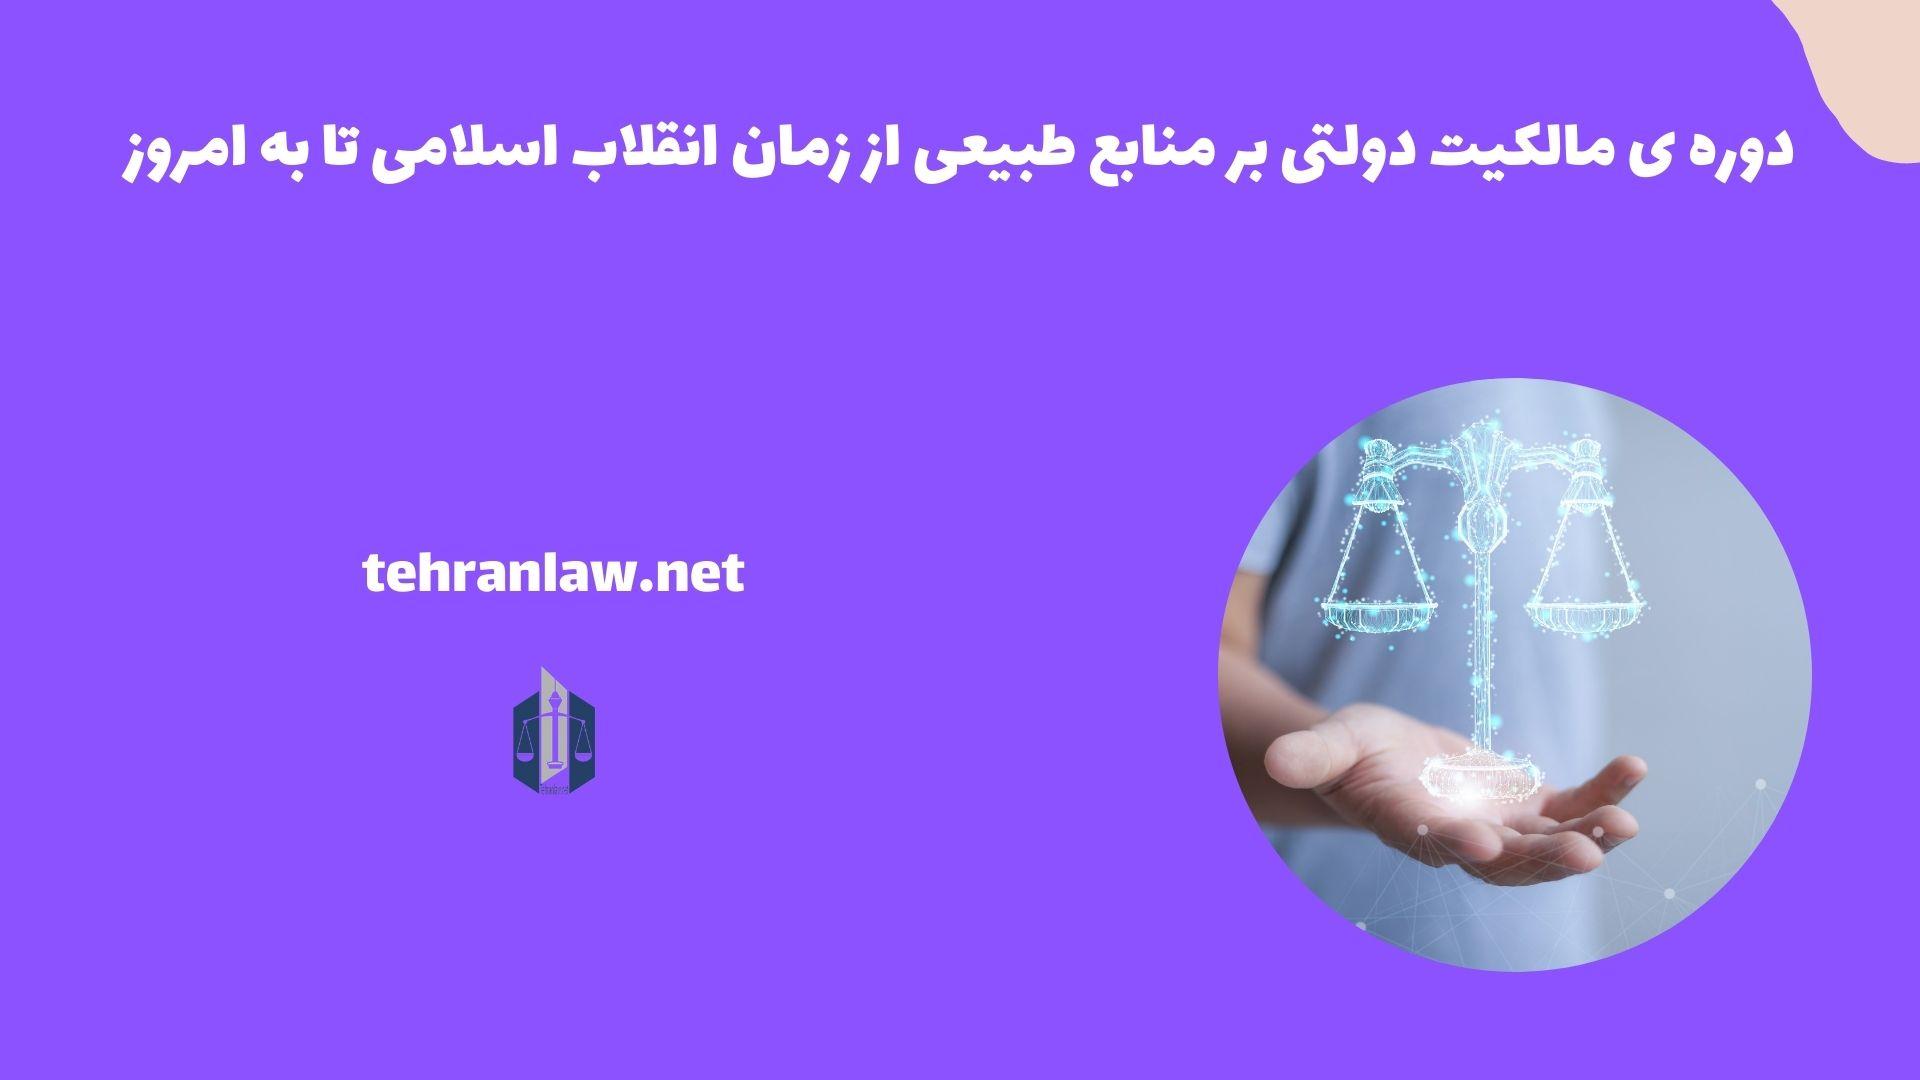 دوره ی مالکیت دولتی بر منابع طبیعی از زمان انقلاب اسلامی تا به امروز